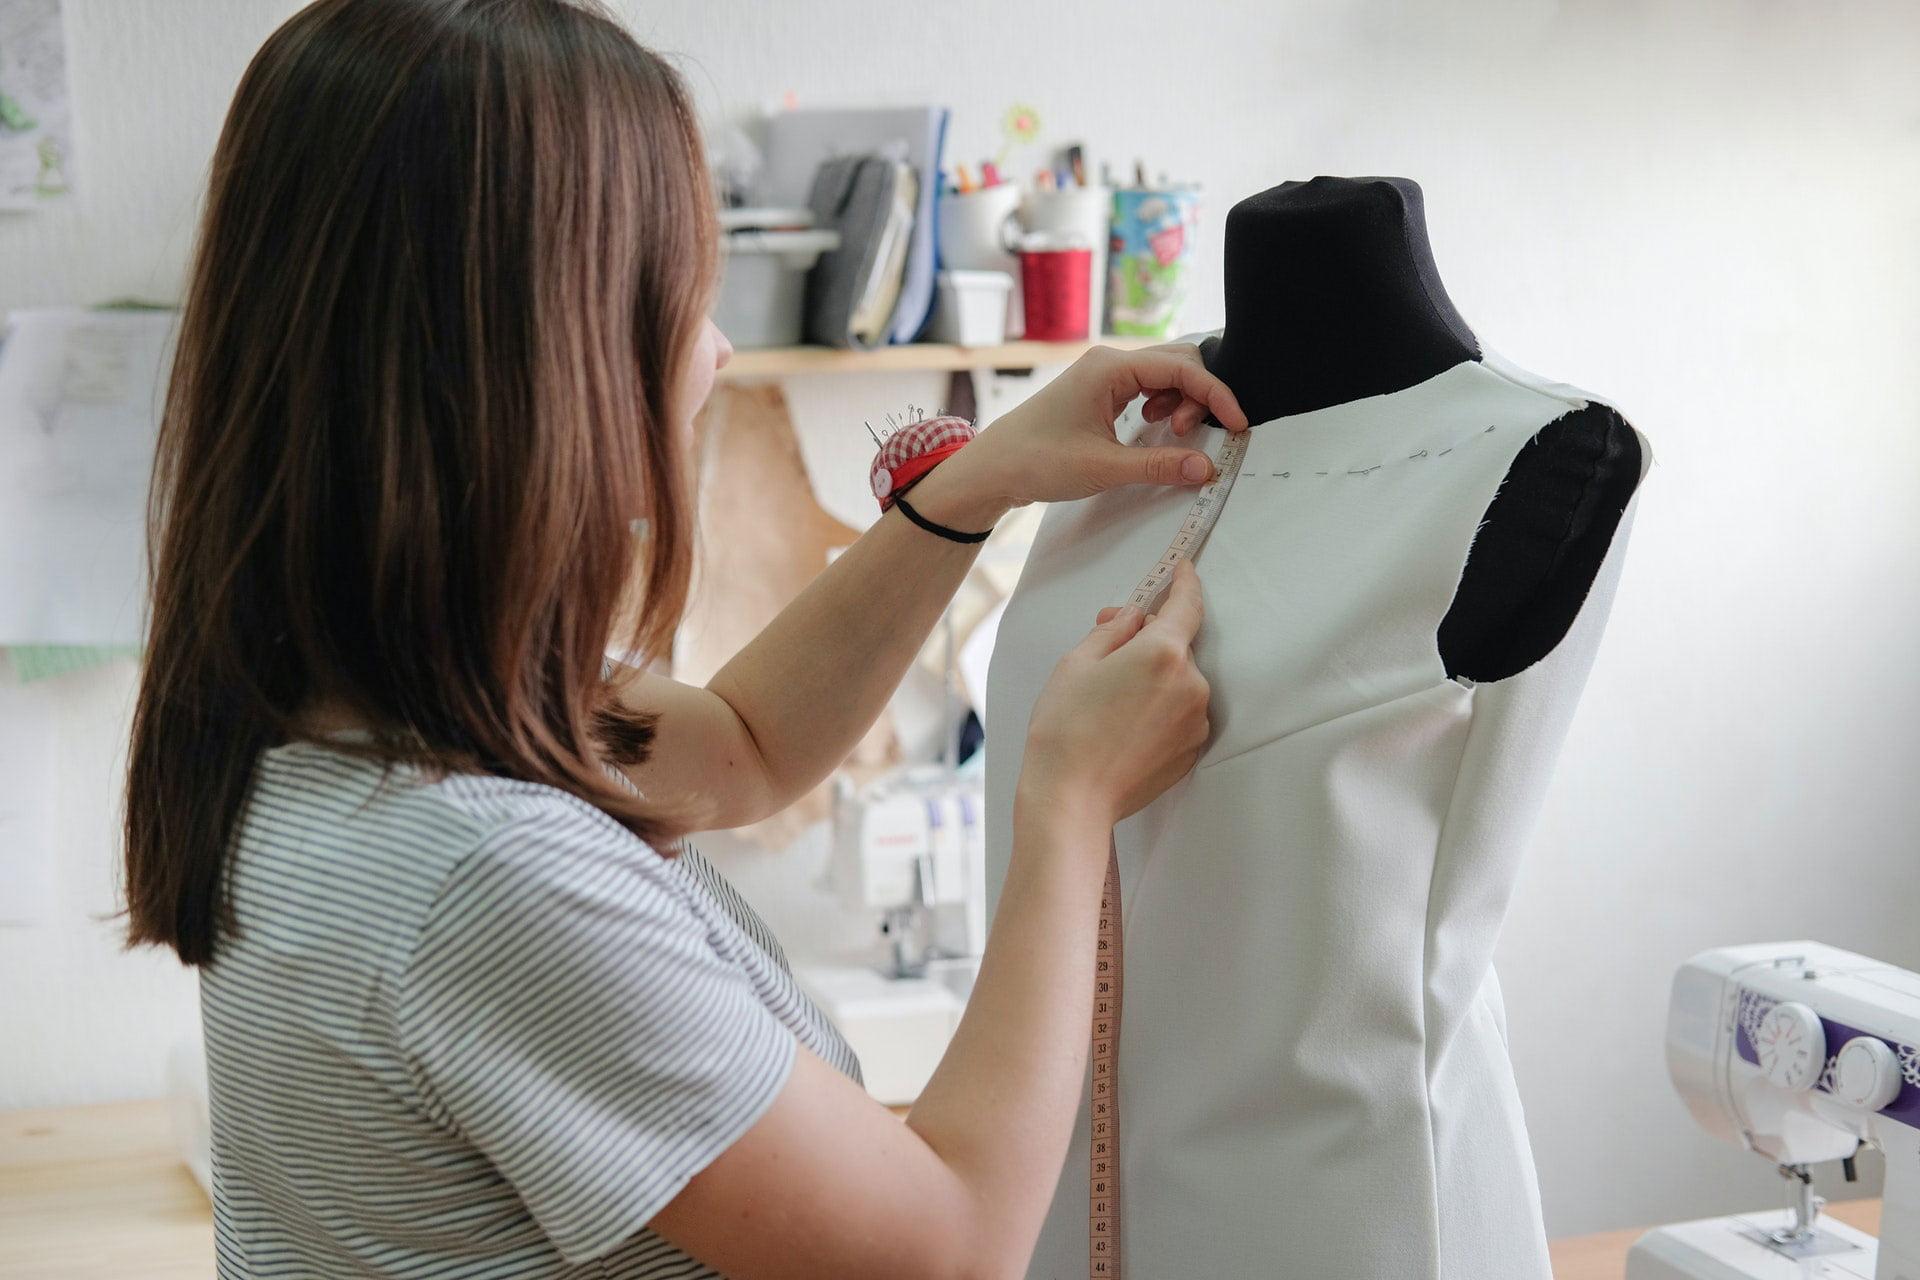 Female dressmaker measuring length on dress on mannequin